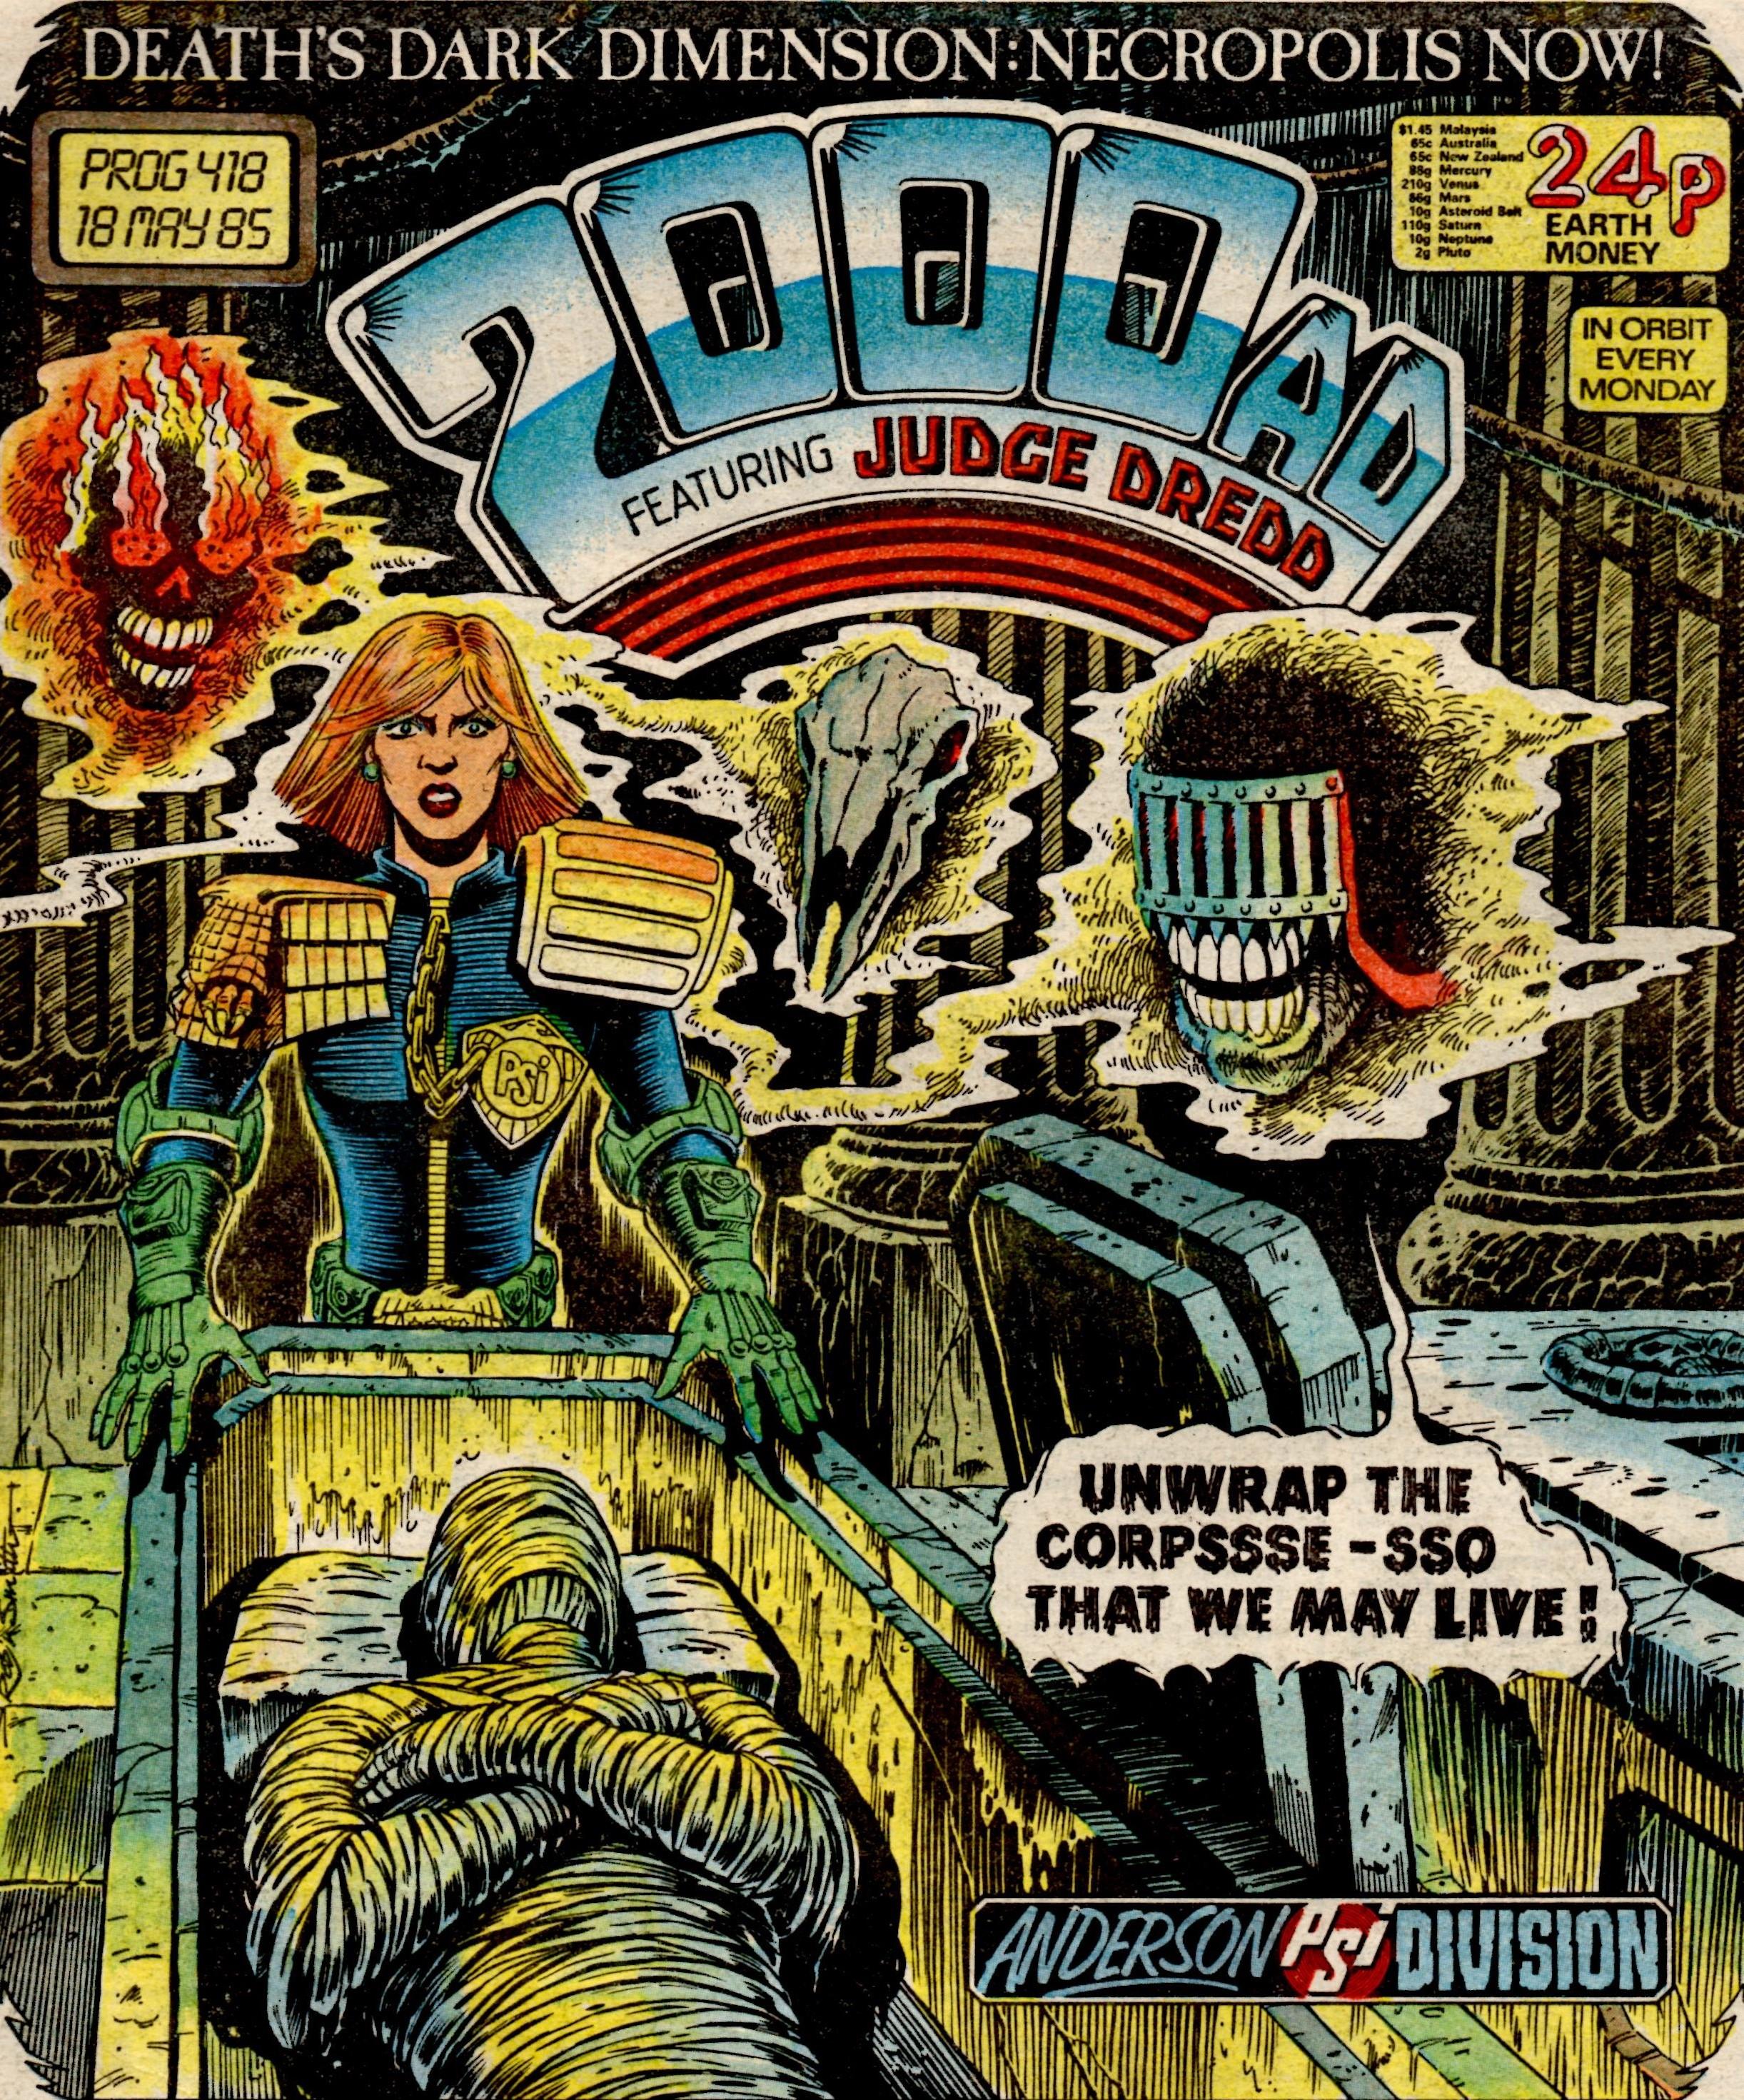 2000AD, Prog 418, 18 May 1985